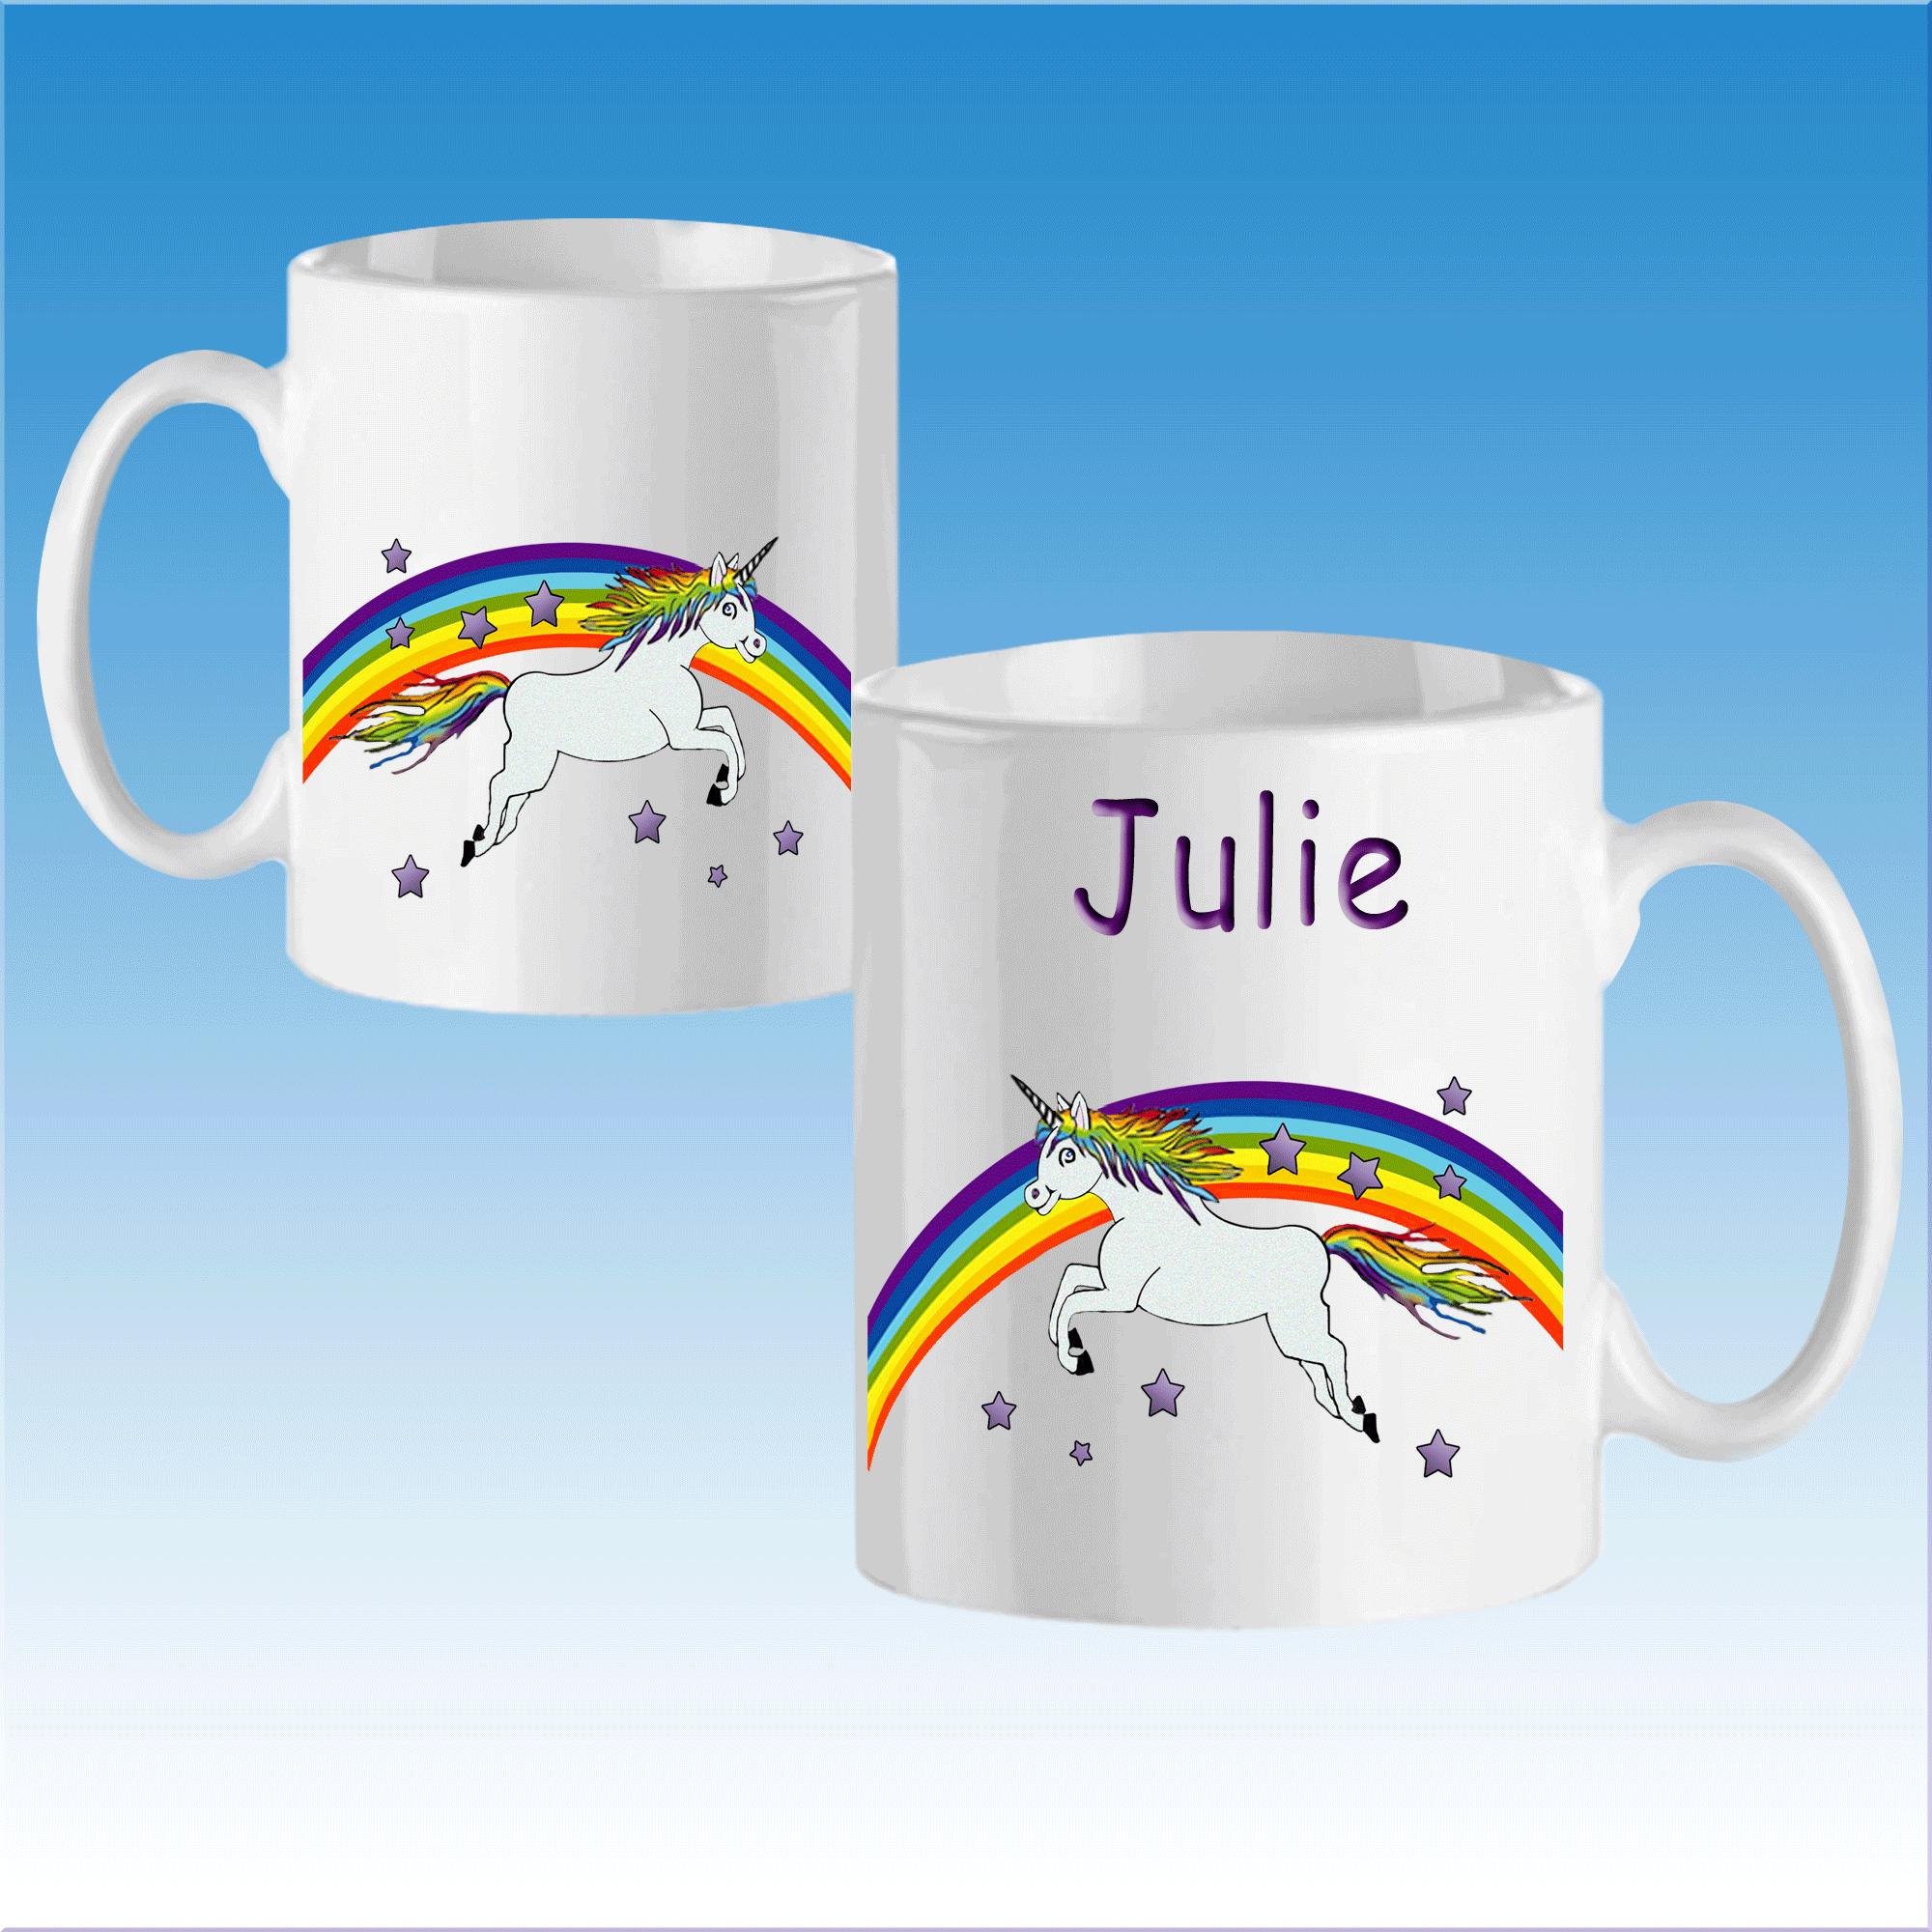 mug-licorne-prenom-personnalisable-personnalisation-personnalise-blanc-ceramique-corne-arc-en-ciel-animal-fantastique-conte-legende-julie